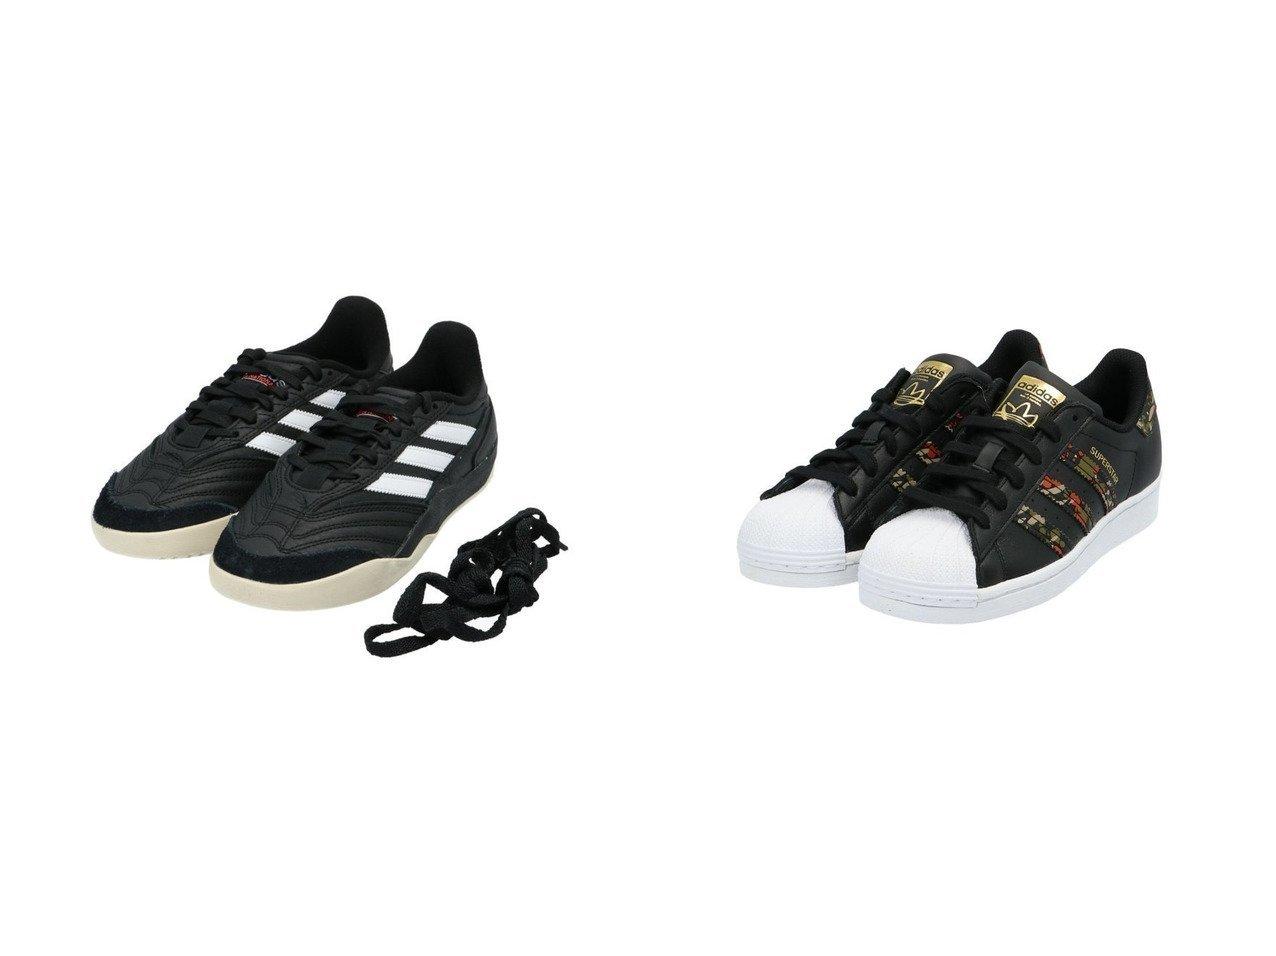 【adidas Originals/アディダス オリジナルス】のスーパースター Superstar アディダスオリジナルス FX5539 FX5540 FY7713&【アディダス スケートボーディング】コパ ナショナーレ Copa Nationale 【シューズ・靴】おすすめ!人気、トレンド・レディースファッションの通販 おすすめで人気の流行・トレンド、ファッションの通販商品 メンズファッション・キッズファッション・インテリア・家具・レディースファッション・服の通販 founy(ファニー) https://founy.com/ ファッション Fashion レディースファッション WOMEN サッカー シューズ スニーカー スポーツ スリッポン フィット ミックス ラバー レギュラー NEW・新作・新着・新入荷 New Arrivals |ID:crp329100000028475